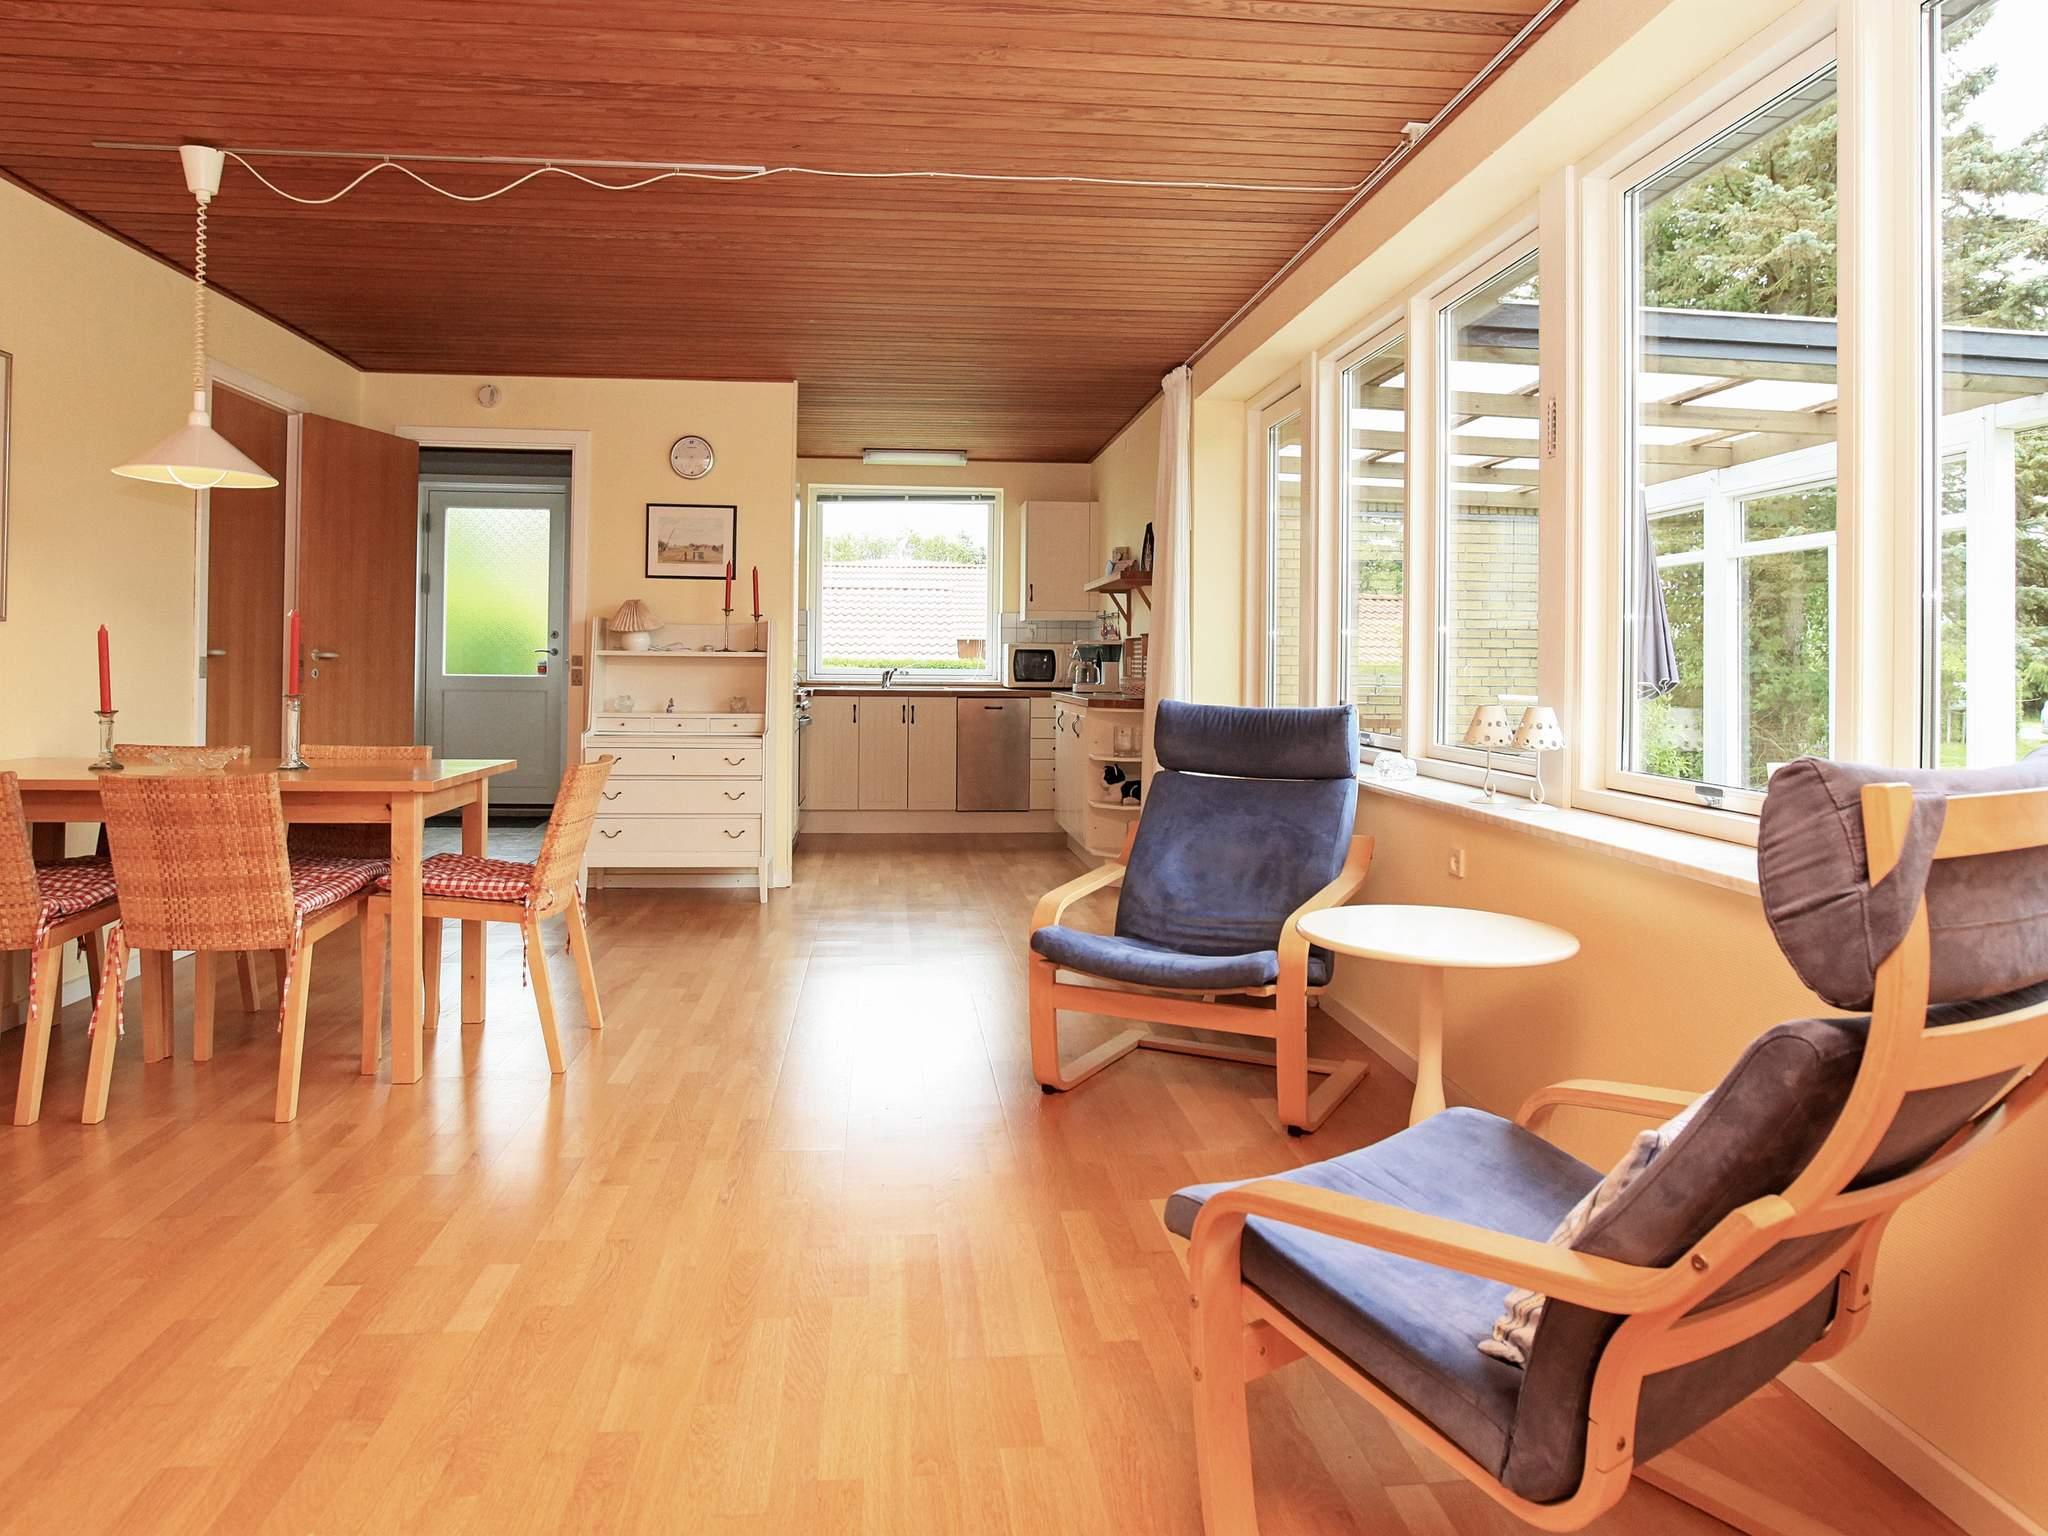 Ferienhaus Hummingen (125876), Hummingen, , Lolland, Dänemark, Bild 8